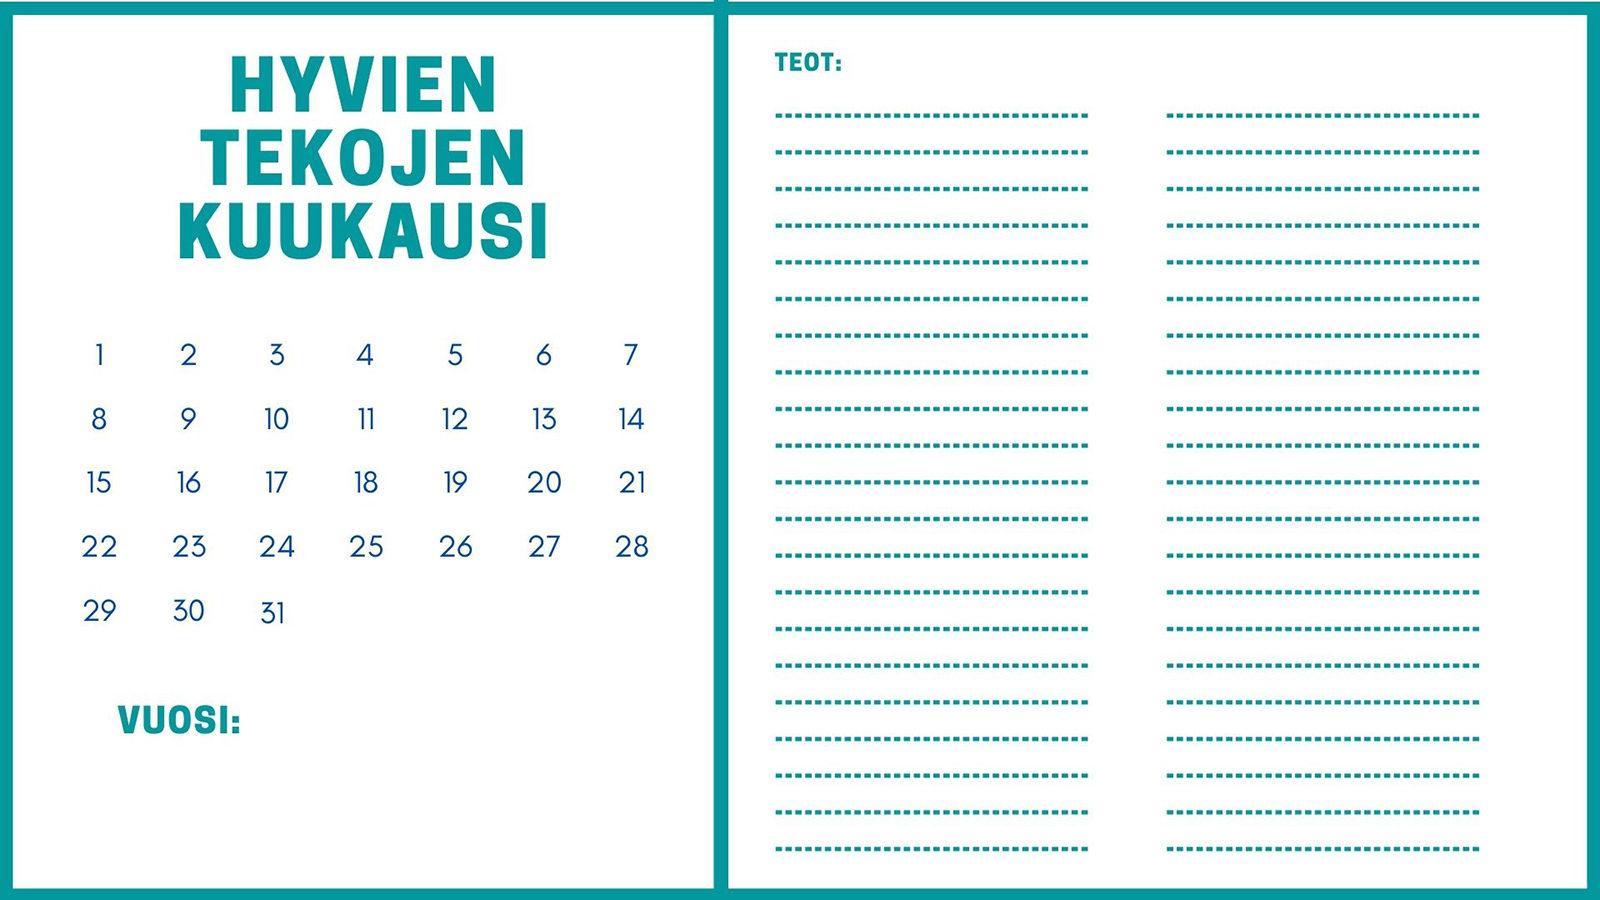 Kalenterisivu, johon voi kirjoittaa muistiin hyviä tekoja kuukauden ajalta.